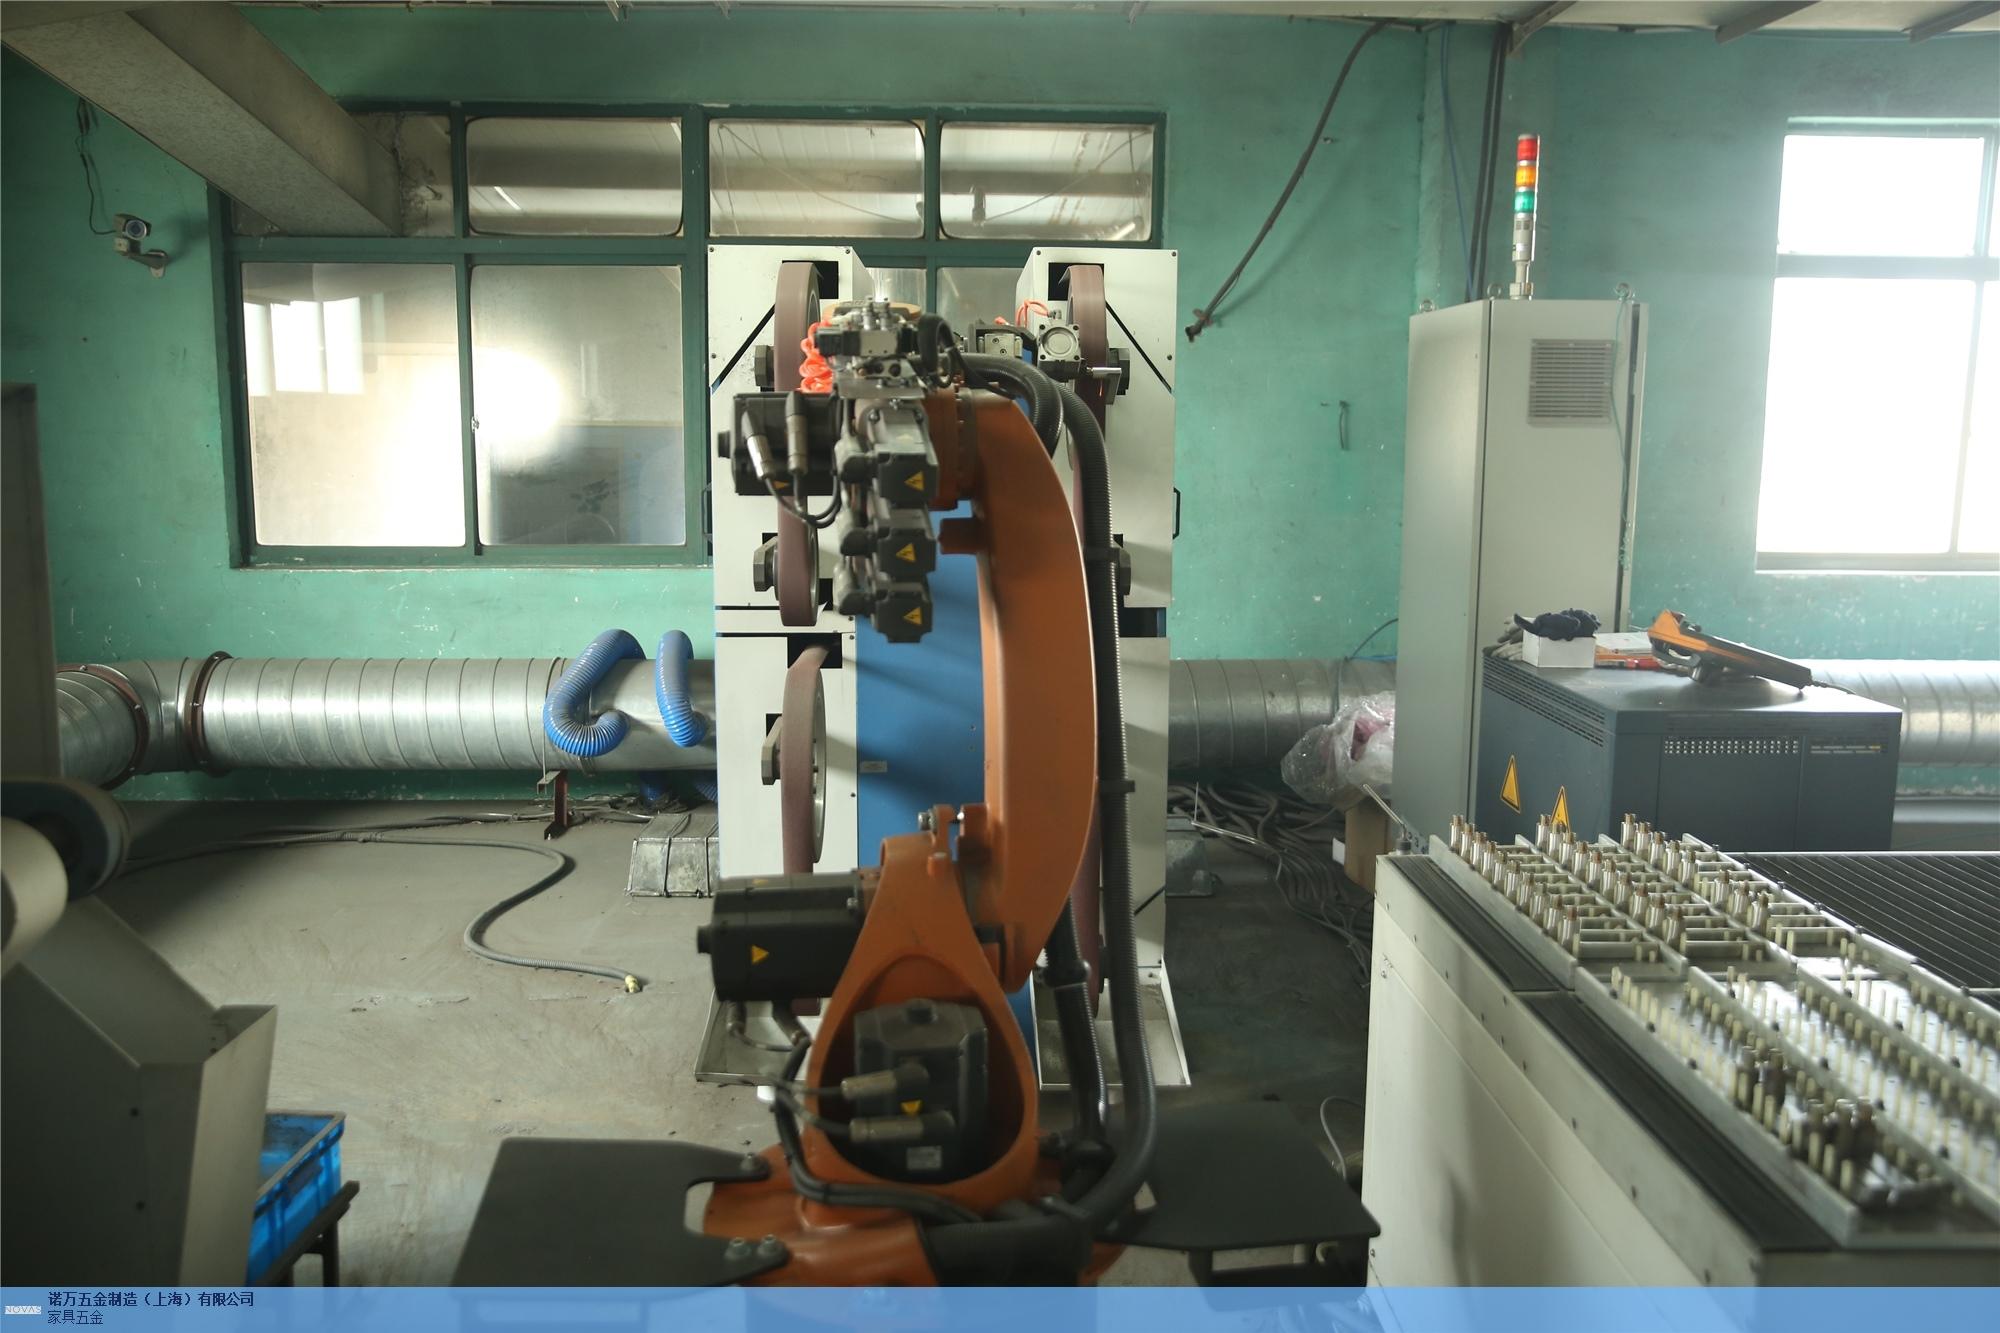 口碑好机器人抛光打磨行业专家在线为您服务,机器人抛光打磨